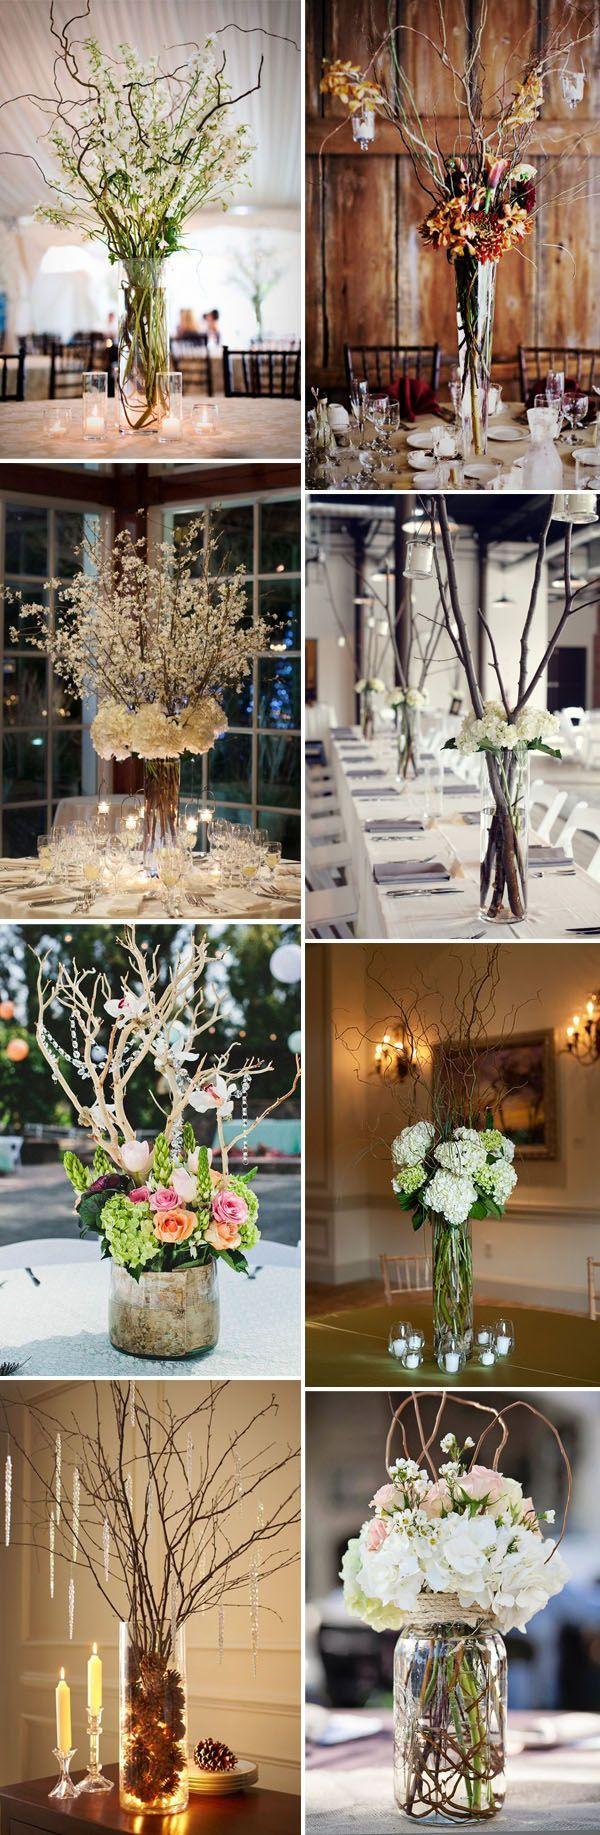 28 Creative Budget Friendly Diy Wedding Decoration Ideas Wedding